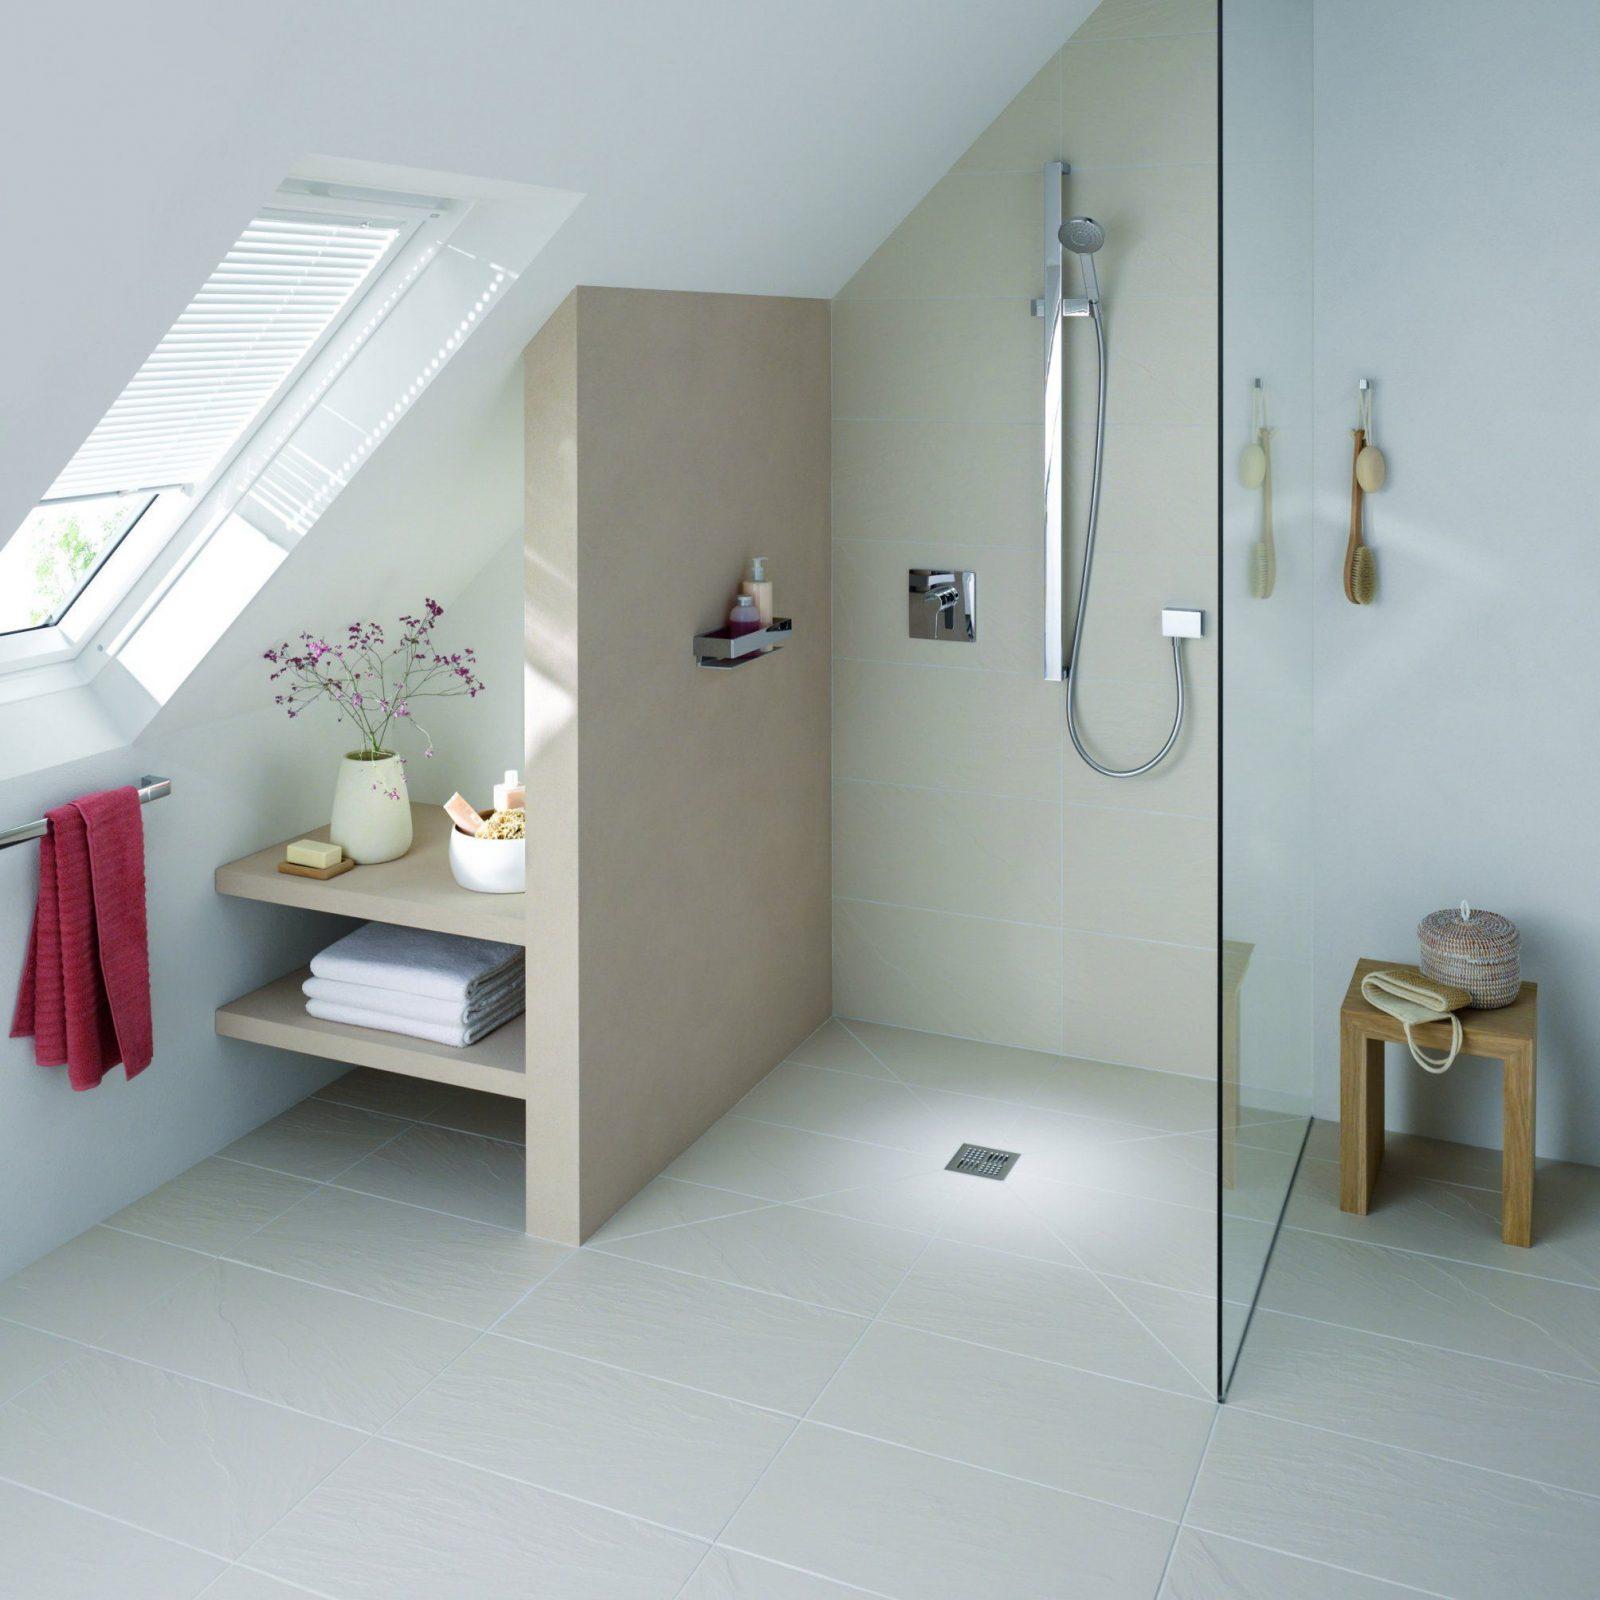 Faszinierend Dusche In Dachschräge Beste Wahl Unter Der Dachschräge Projekt Dachboden Inspiration Von